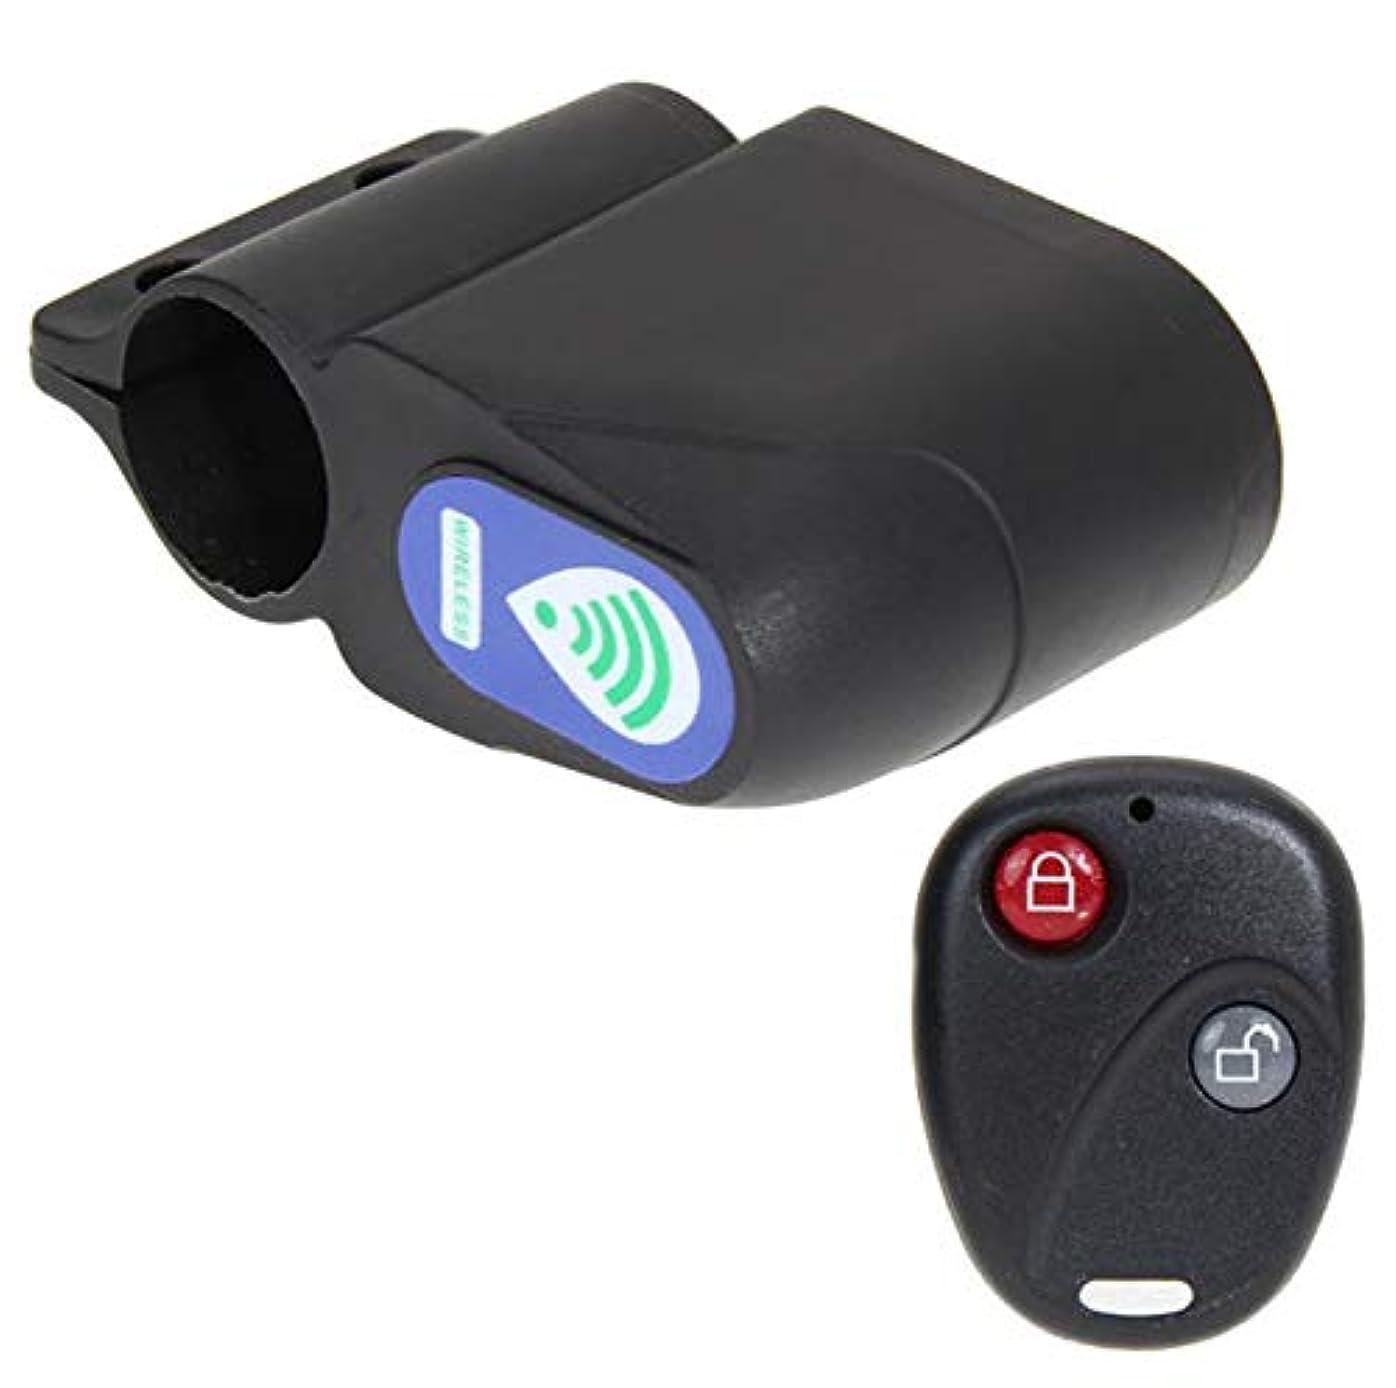 前文修羅場上Enjoy Youth 自転車警報 自転車用盗難防止アラーム 高感度保護付きアラーム 振動誘導警報 振動で大音量に鳴り響く 小型